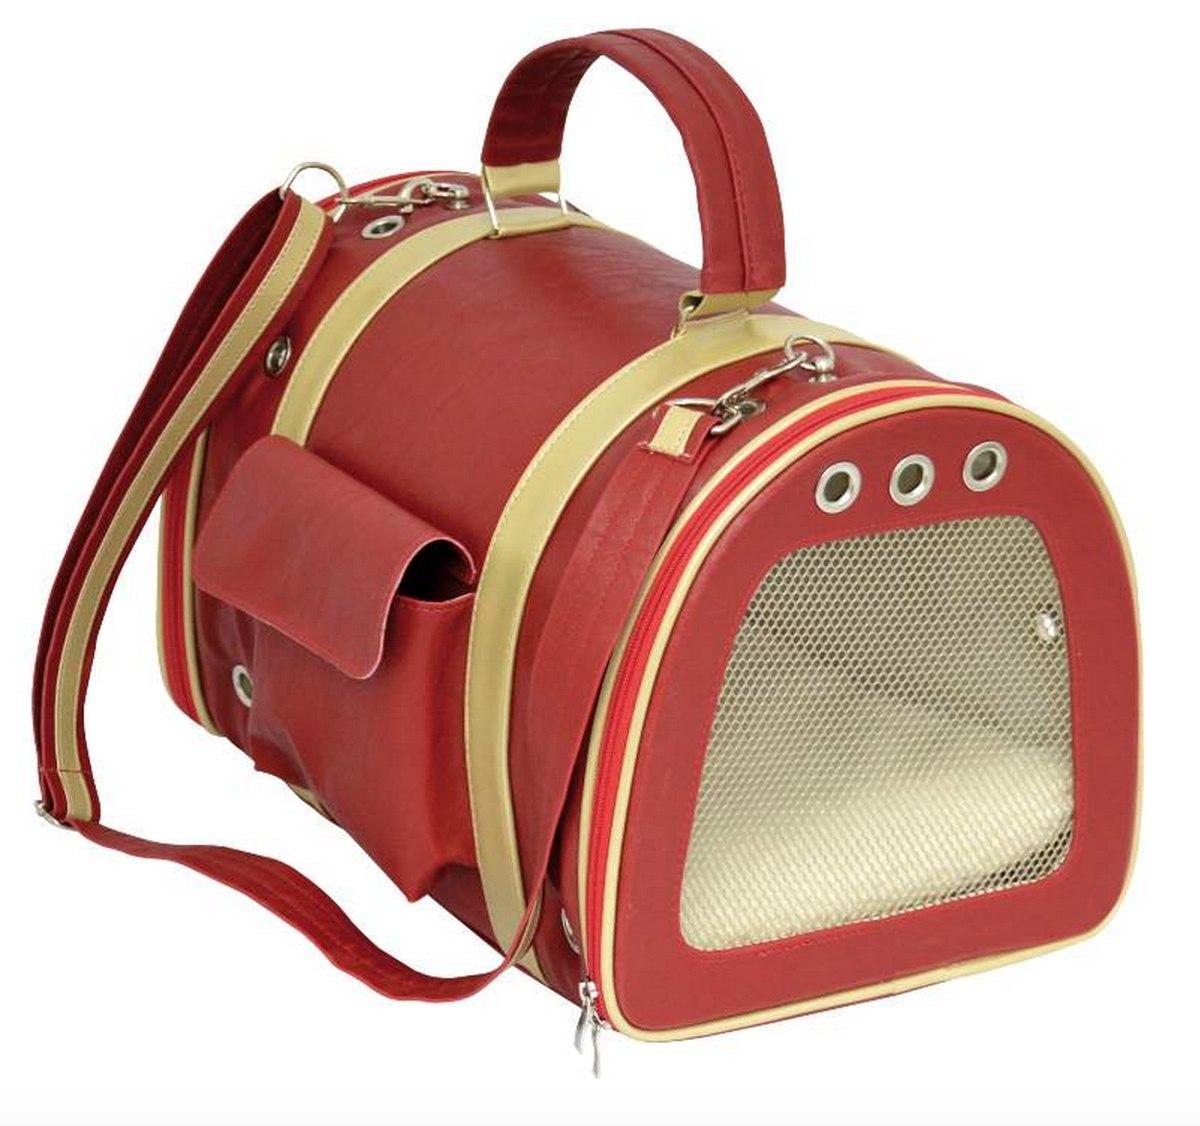 Bolsa Para Transporte De Cachorro Em Avião : Bolsa em courino red para c?es viagens de avi?o r